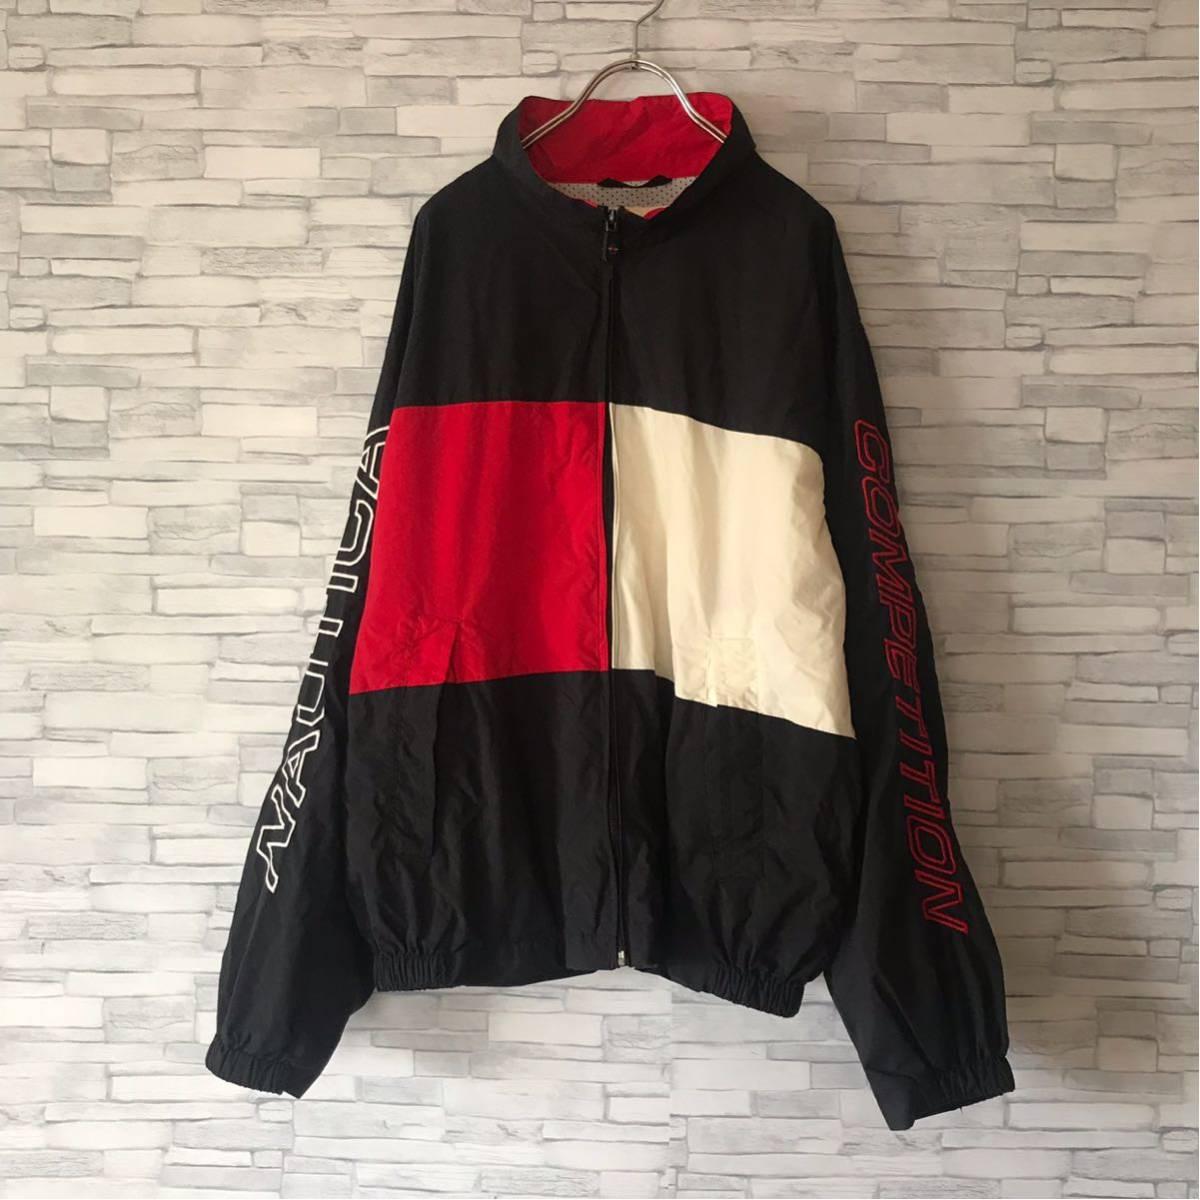 90s ノーティカ NAUTICA ナイロンジャケット ツートンカラー 袖ロゴ 裏メッシュ アウター ウィンドブレーカー セーリングジャケット_画像2